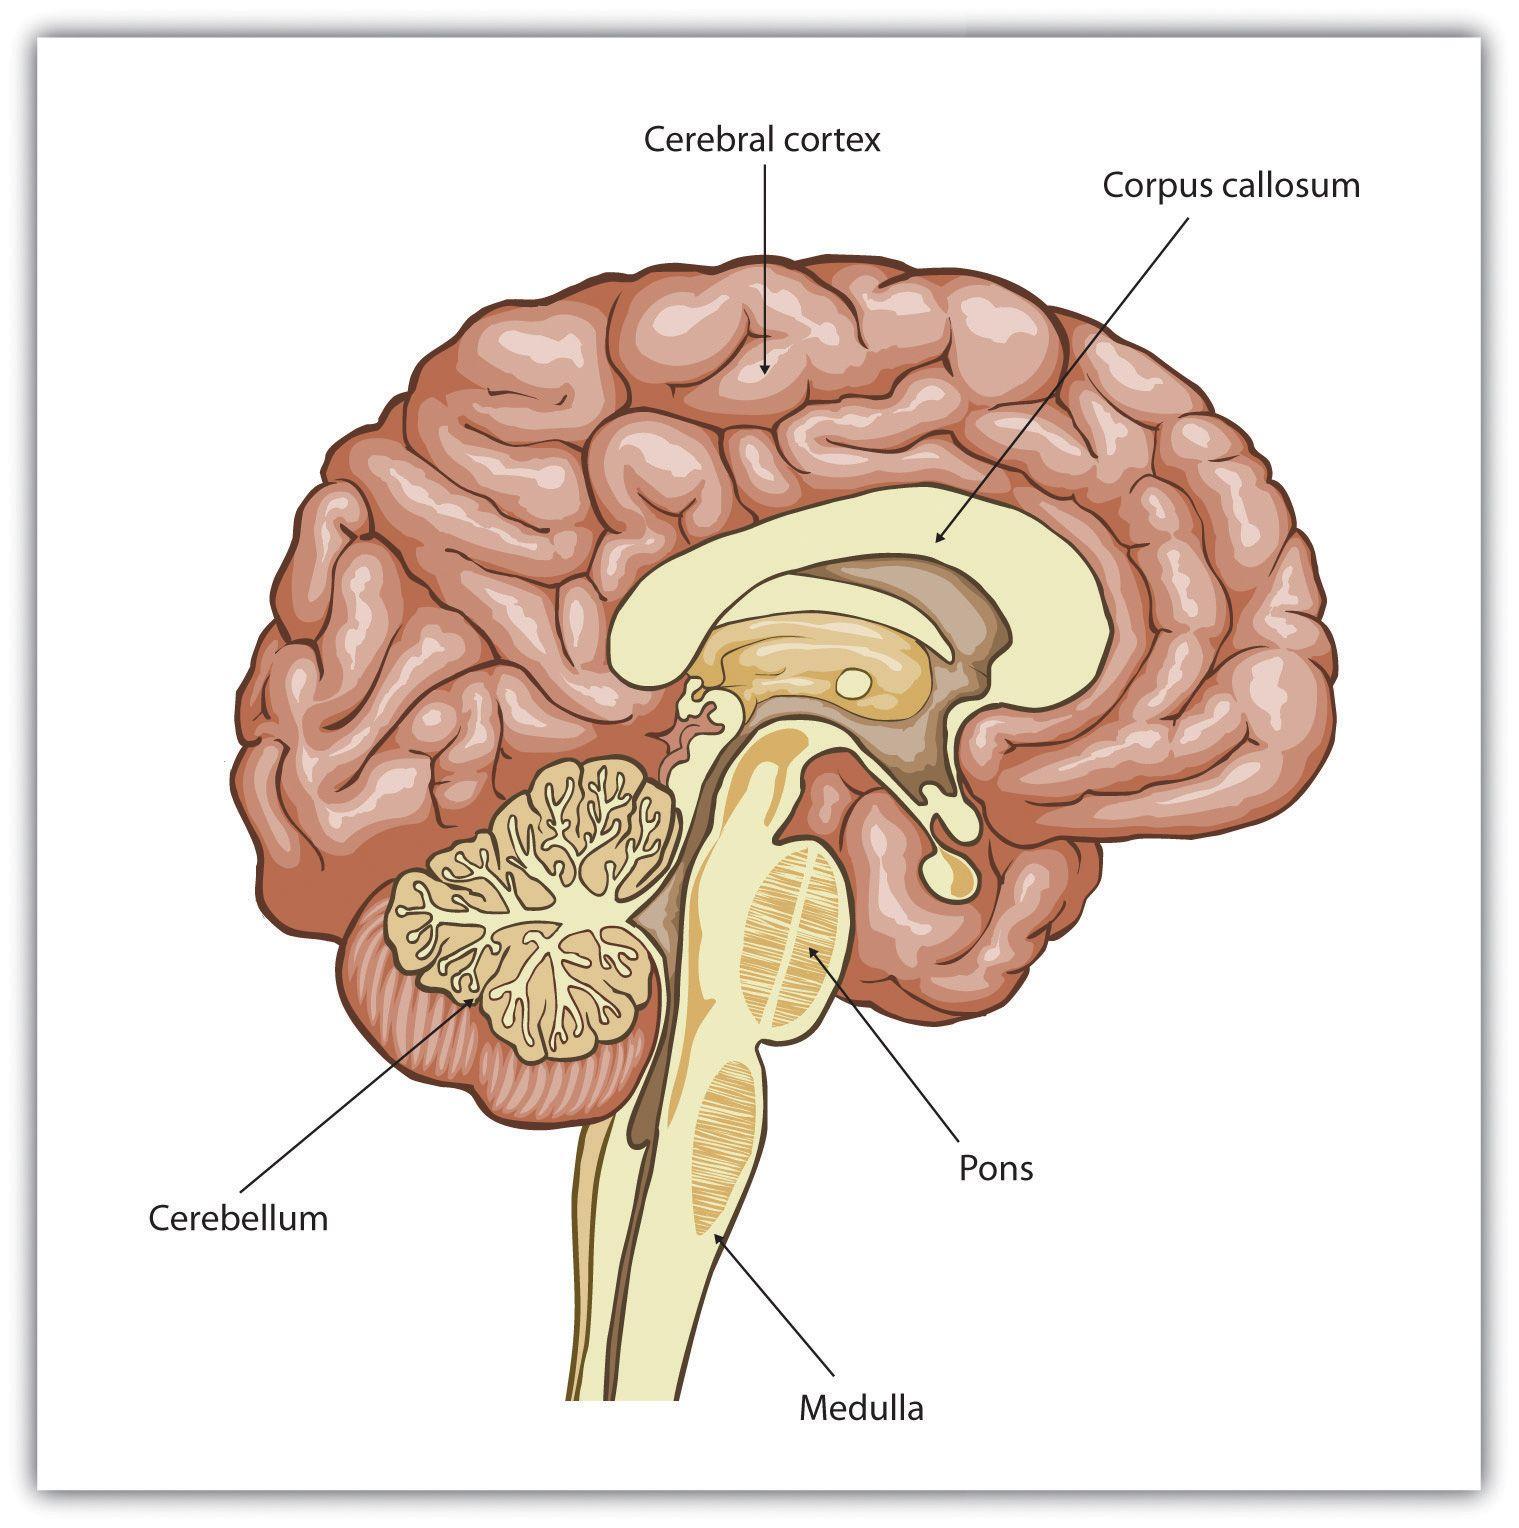 cerebral cortex - Google Search (With images) | Cerebral ...